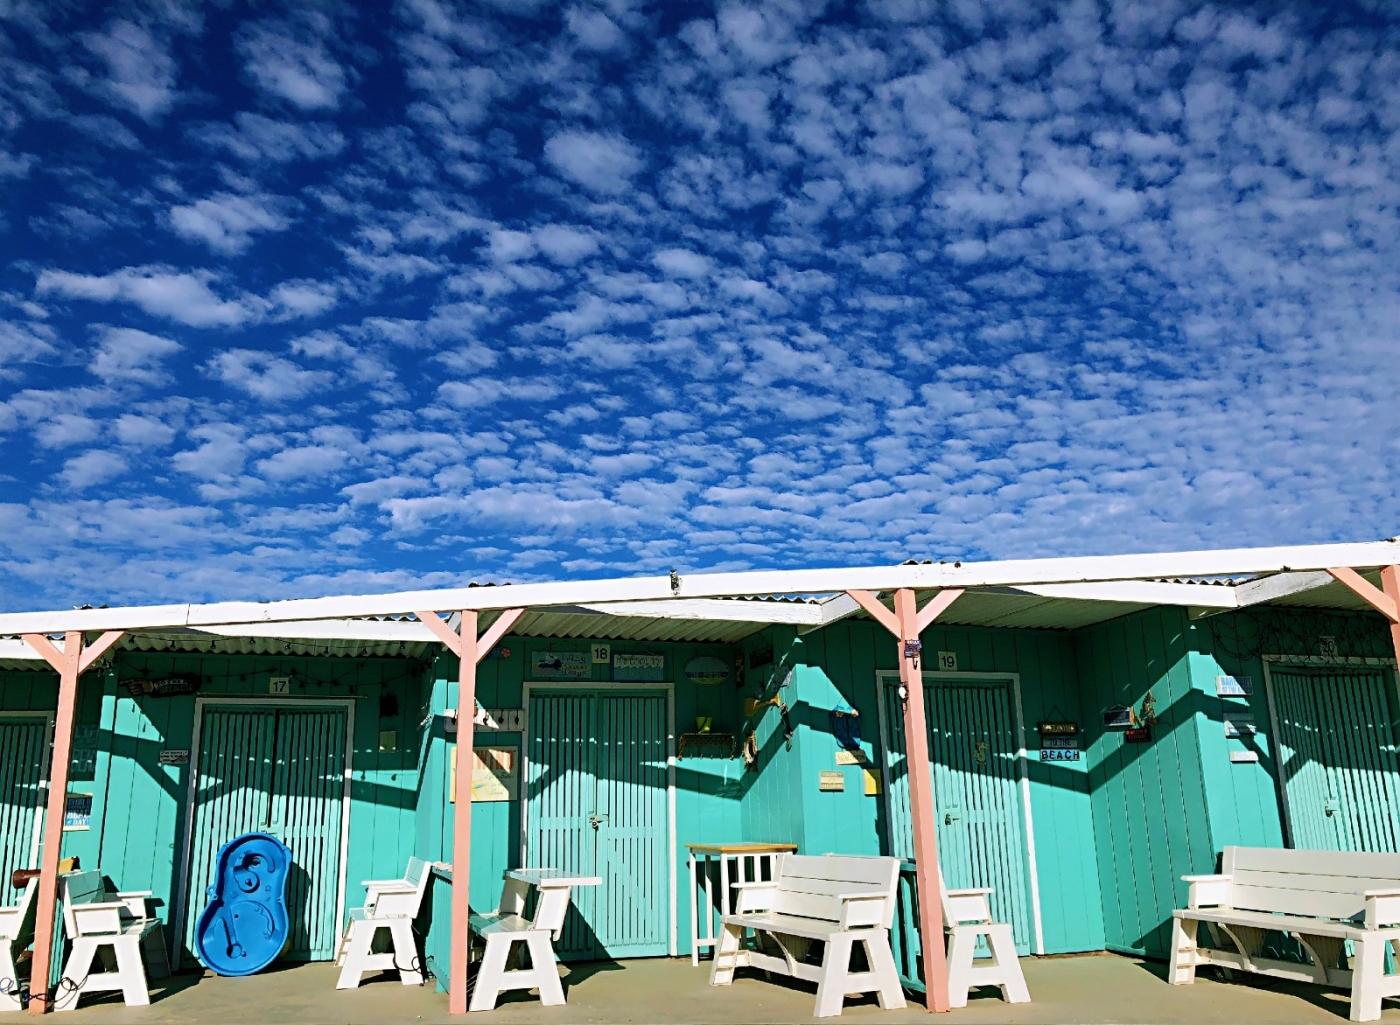 【田螺摄影】写长沙滩的日出日落_图1-17